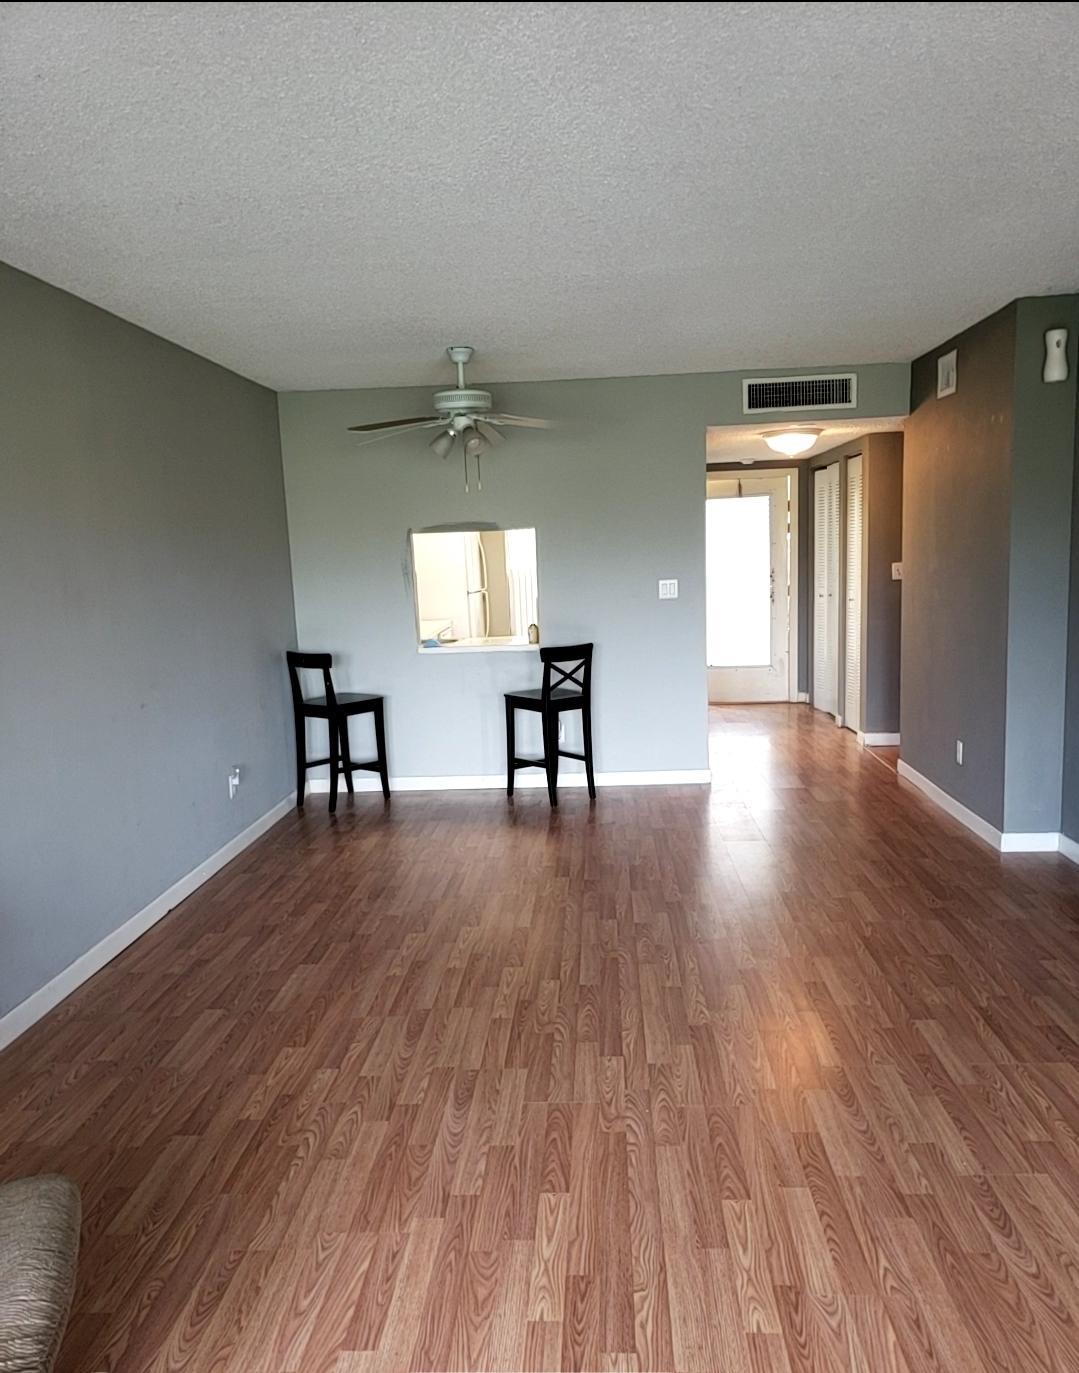 5851 62 Avenue, Tamarac, Florida 33319, 2 Bedrooms Bedrooms, ,2 BathroomsBathrooms,Condo/Coop,For Rent,62,3,RX-10646467